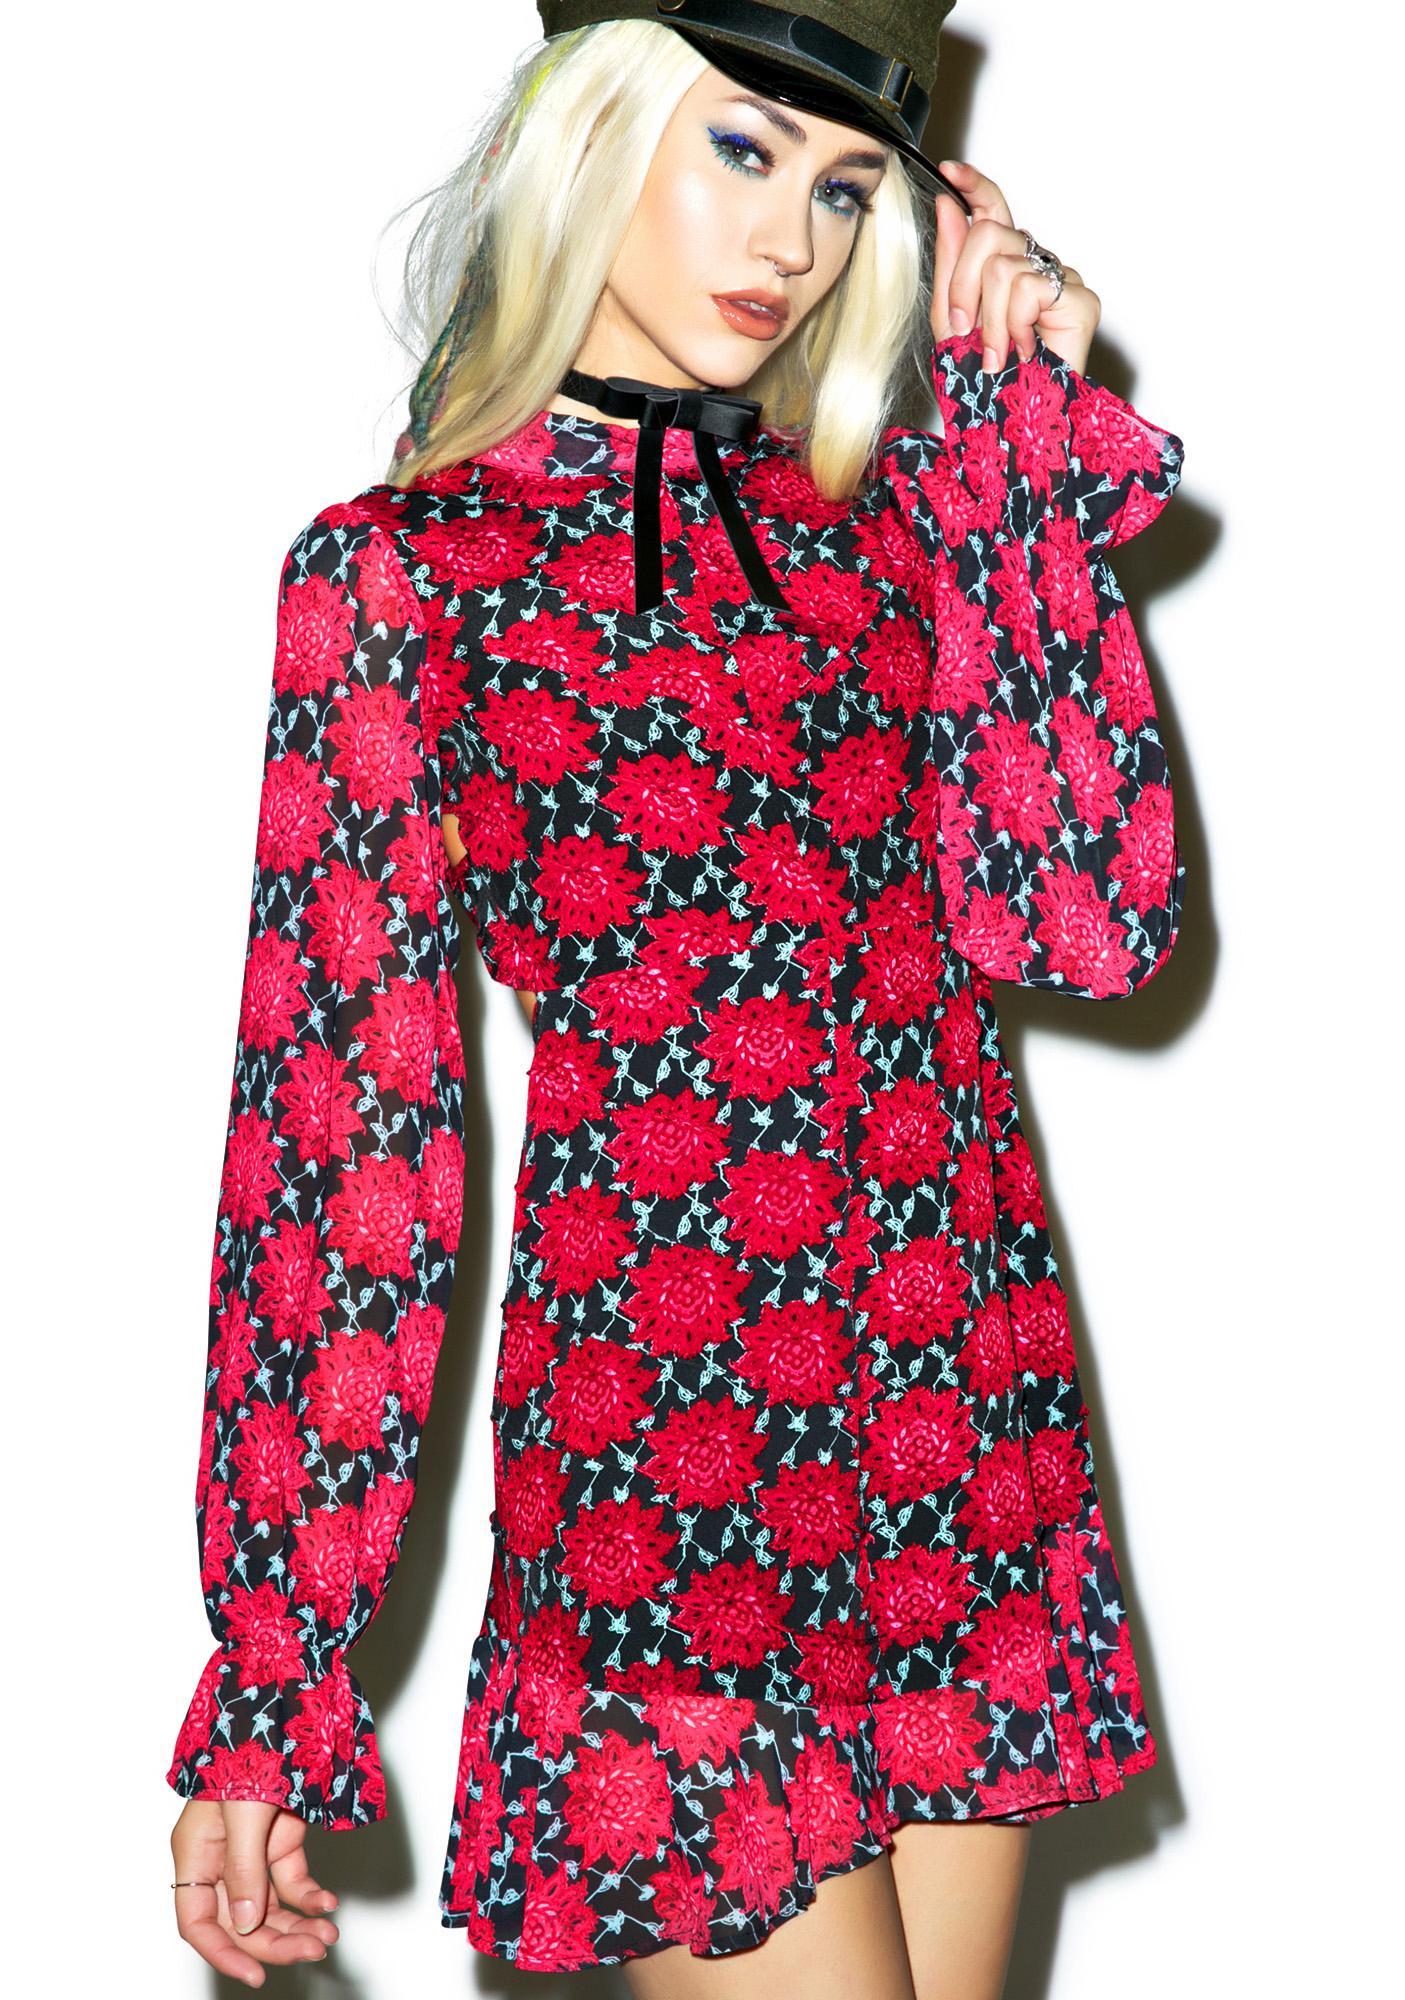 For Love & Lemons Clover Mini Dress